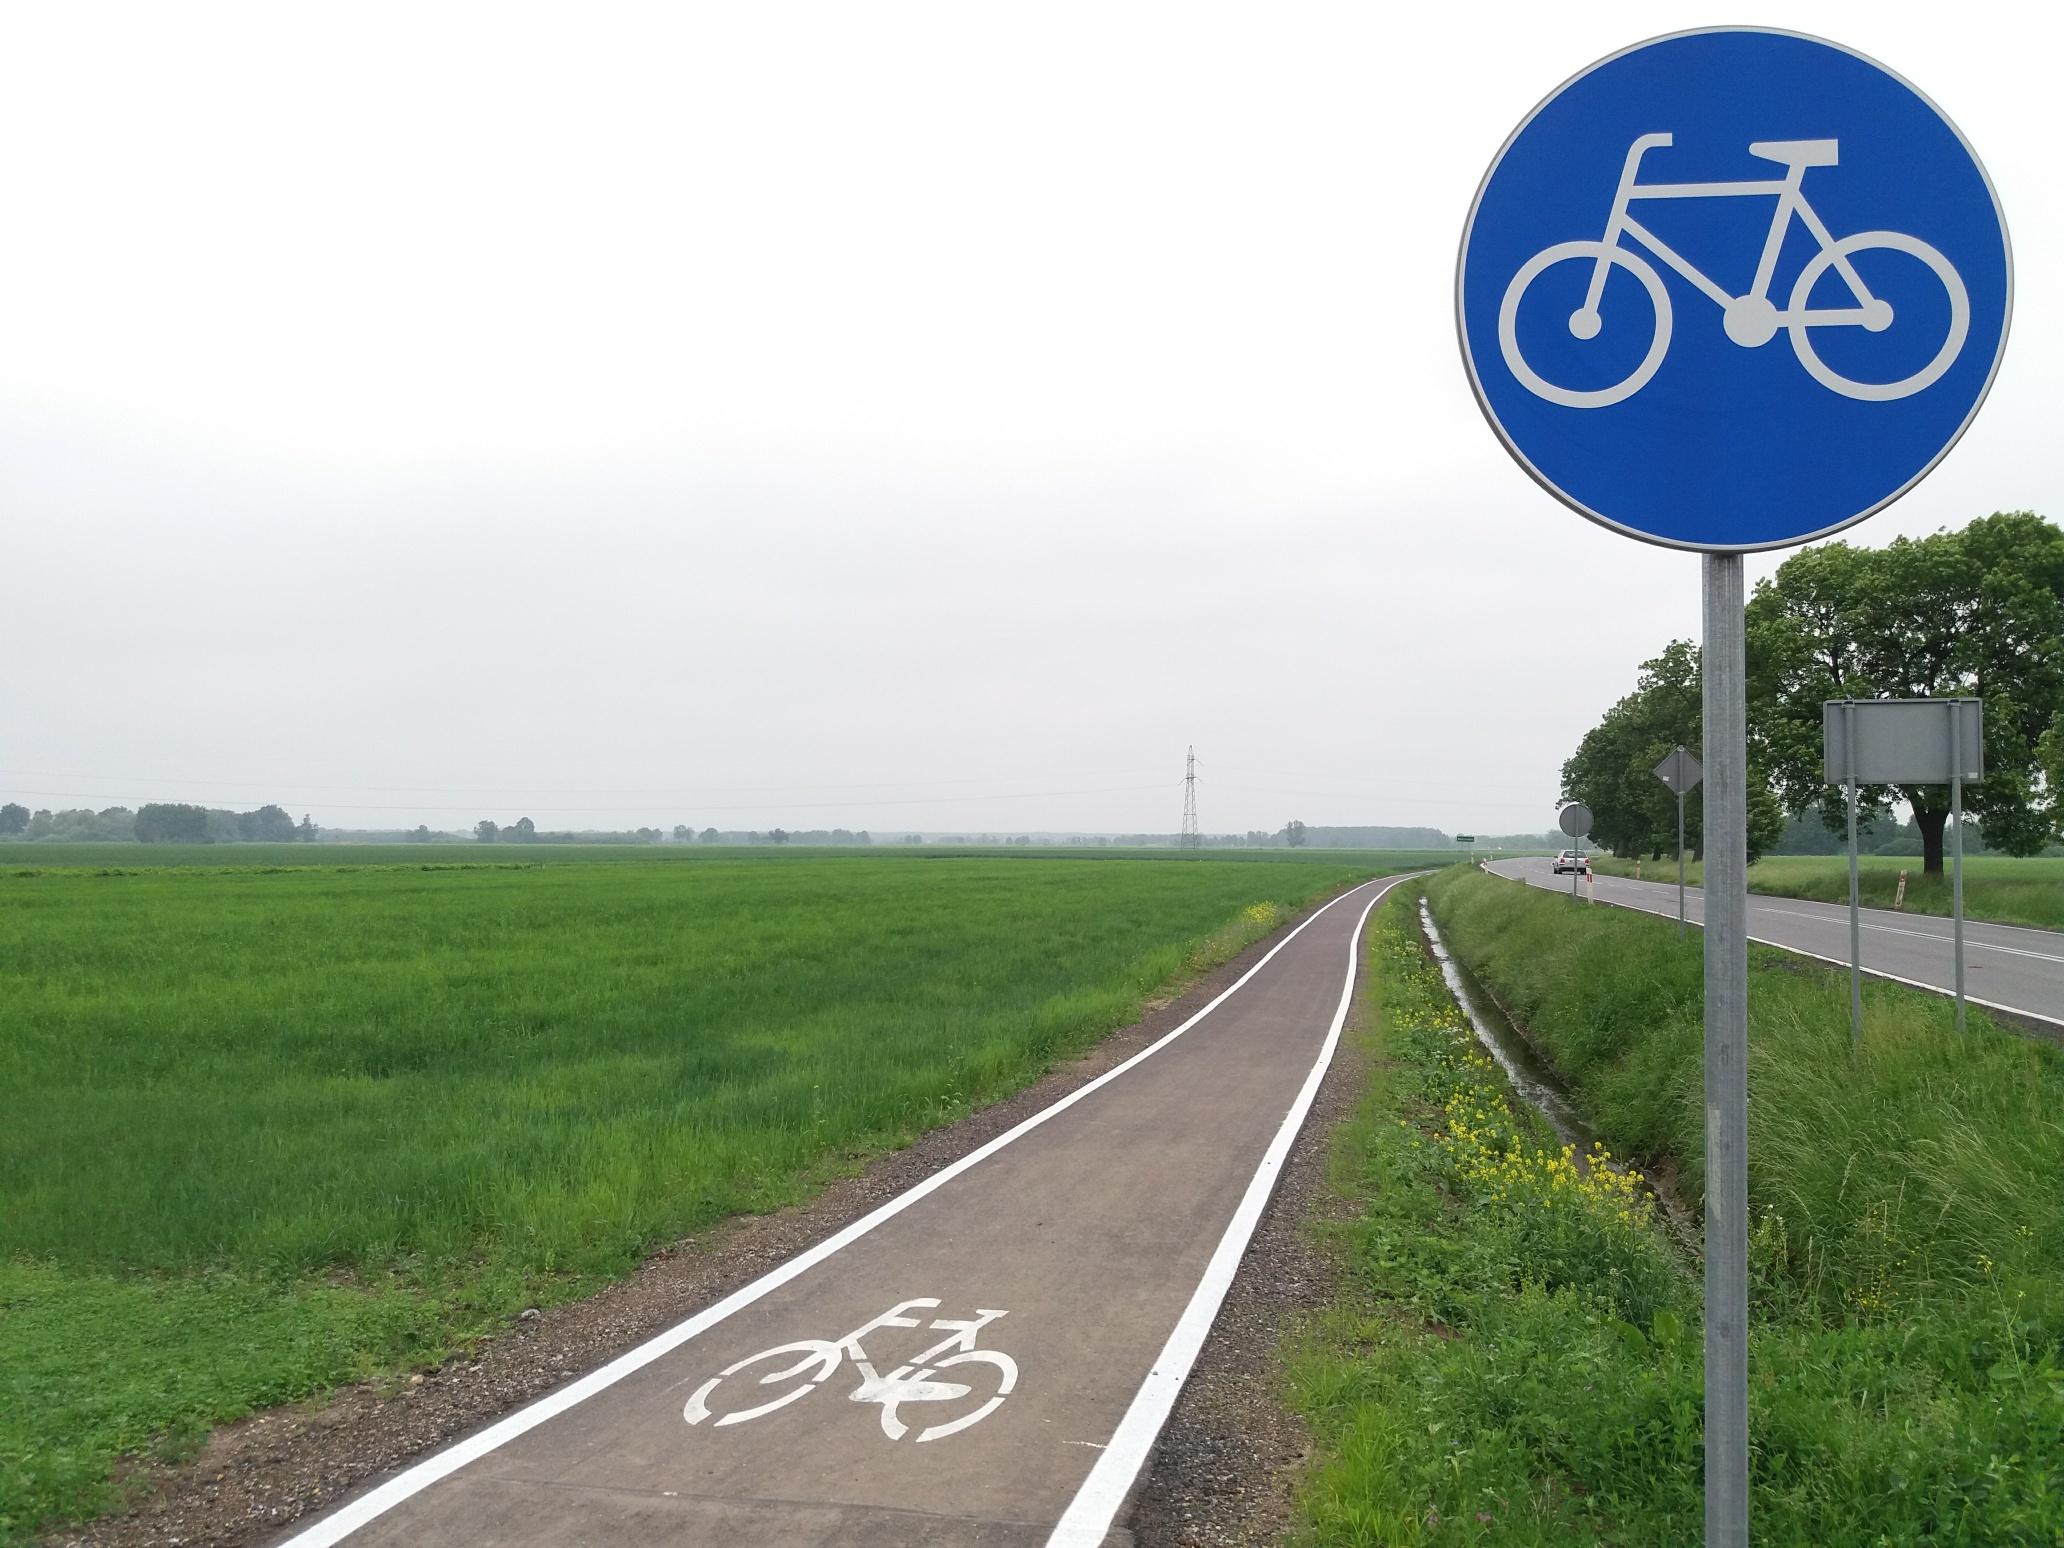 Ścieżka rowerowa [fot. Maciej Stępień]